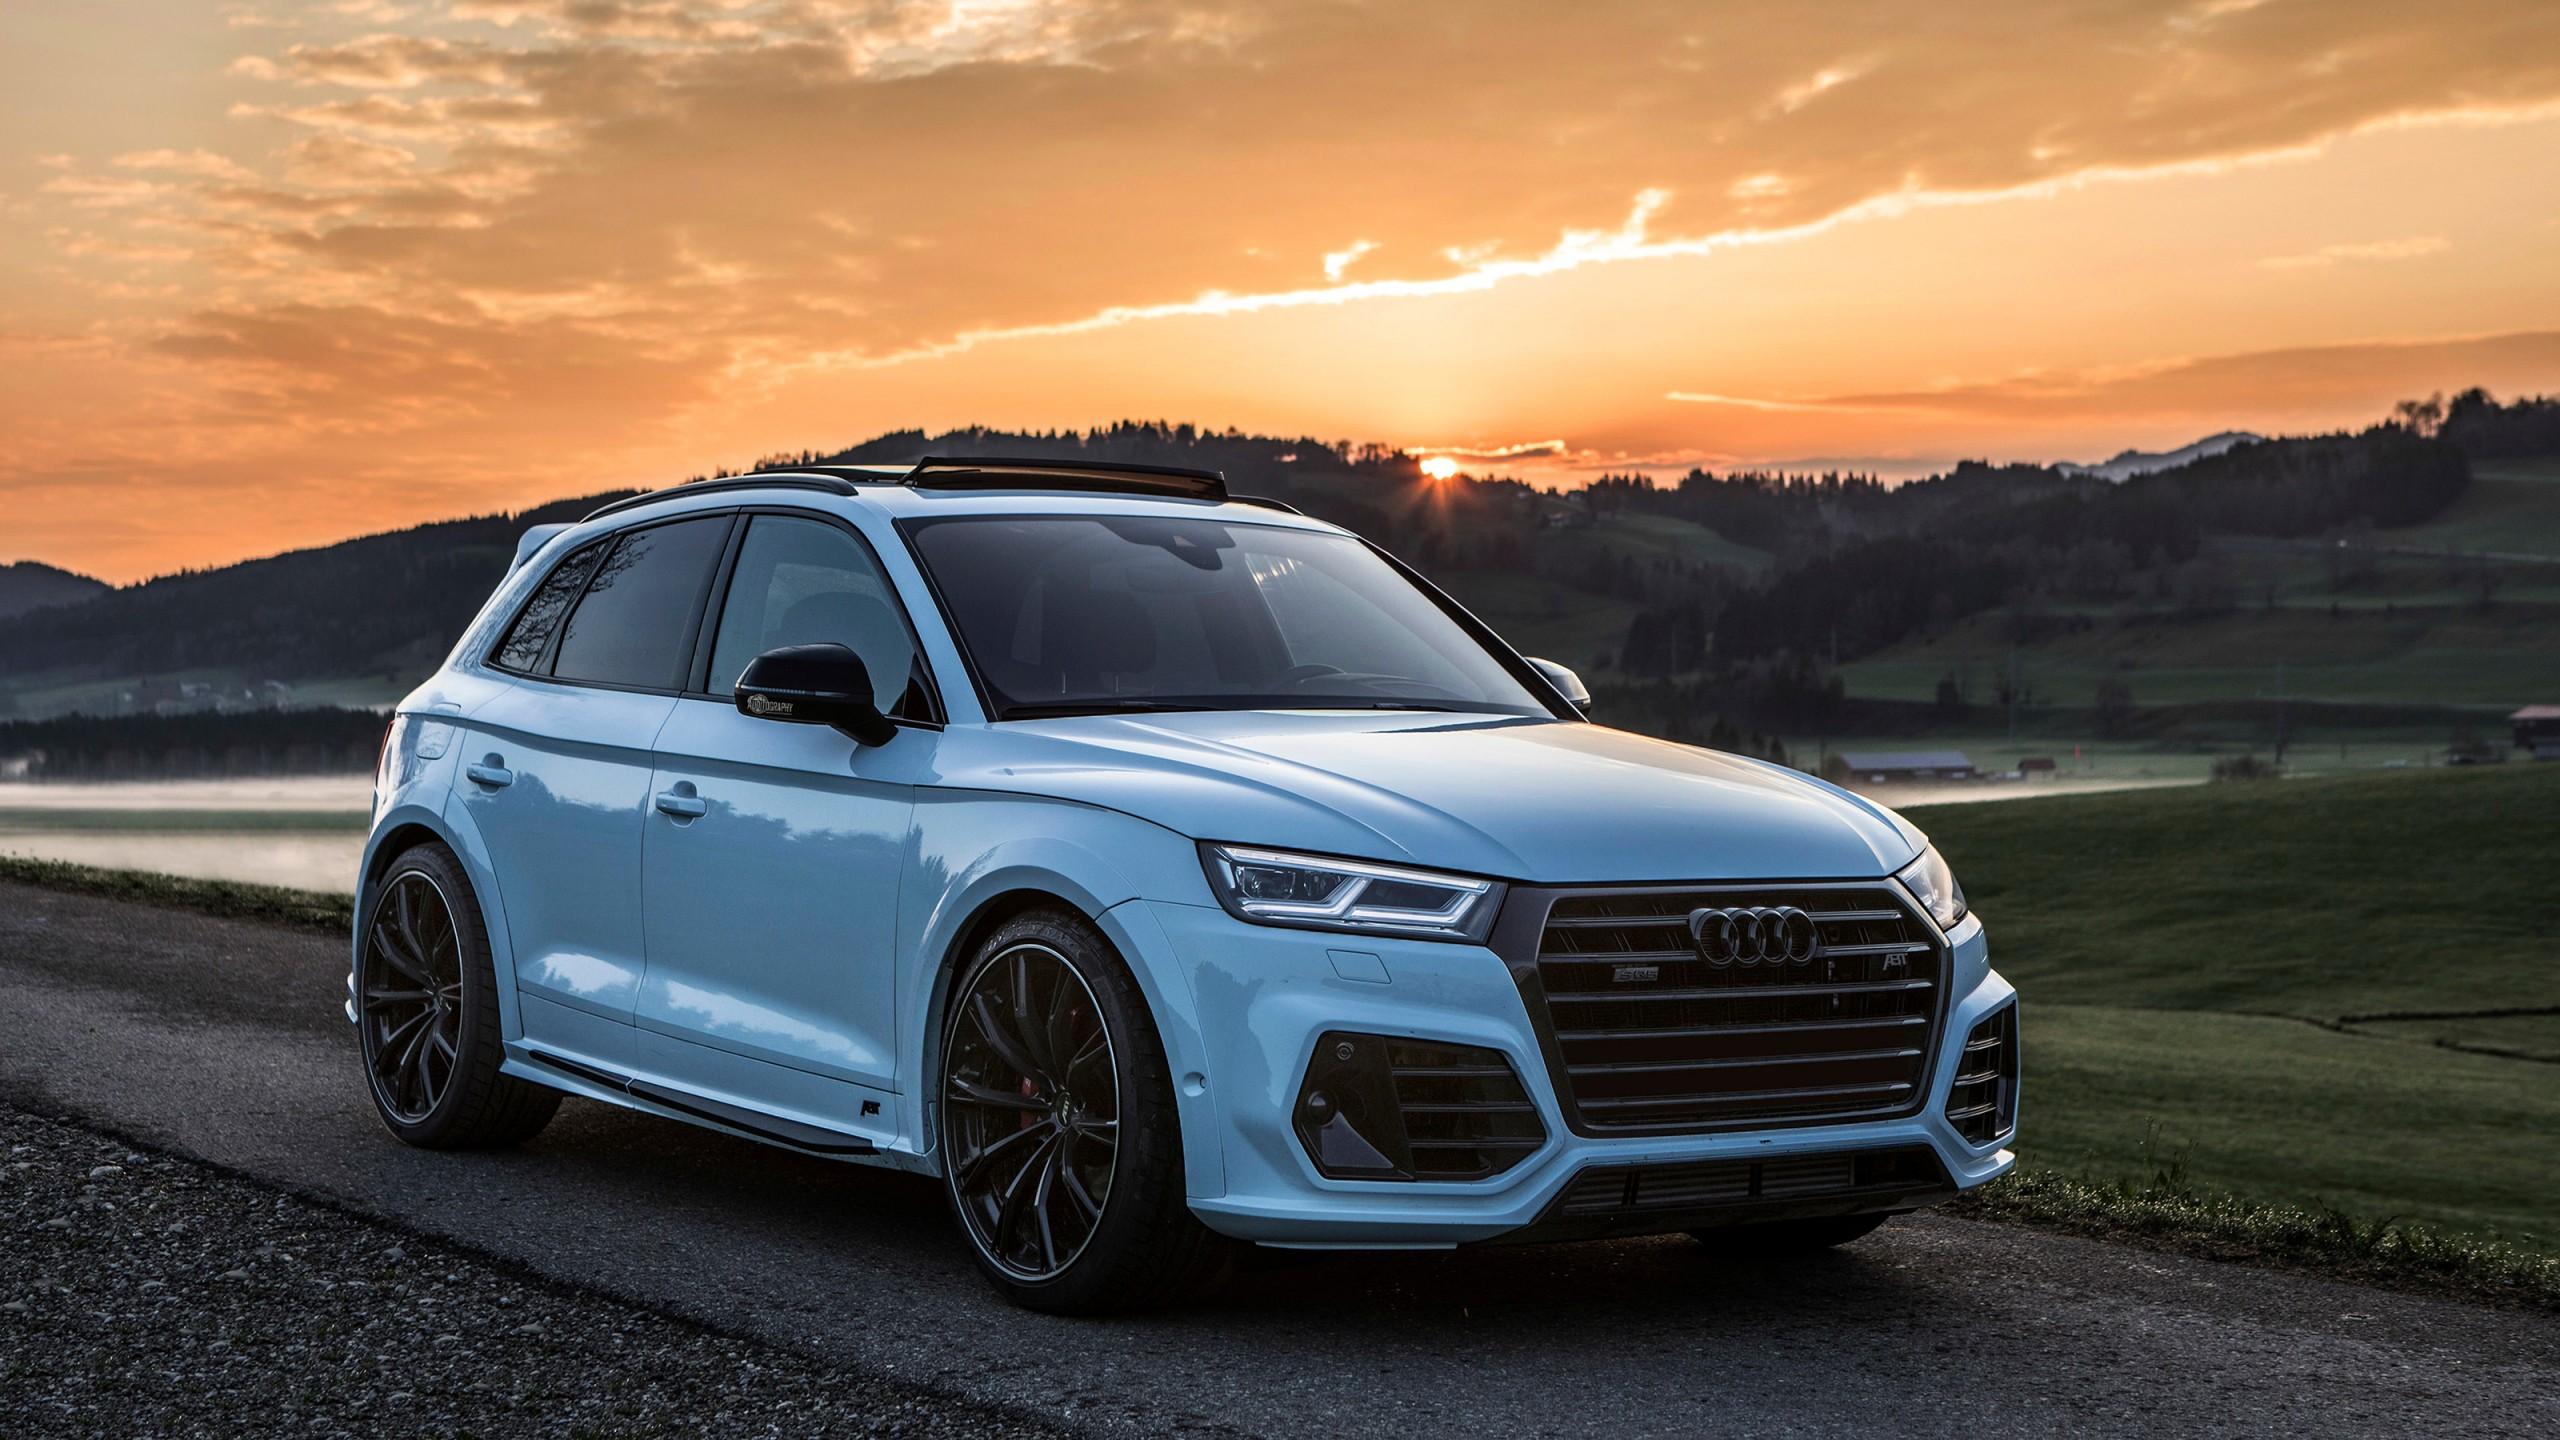 ABT Audi SQ5 Widebody 2018 Wallpaper | HD Car Wallpapers ...